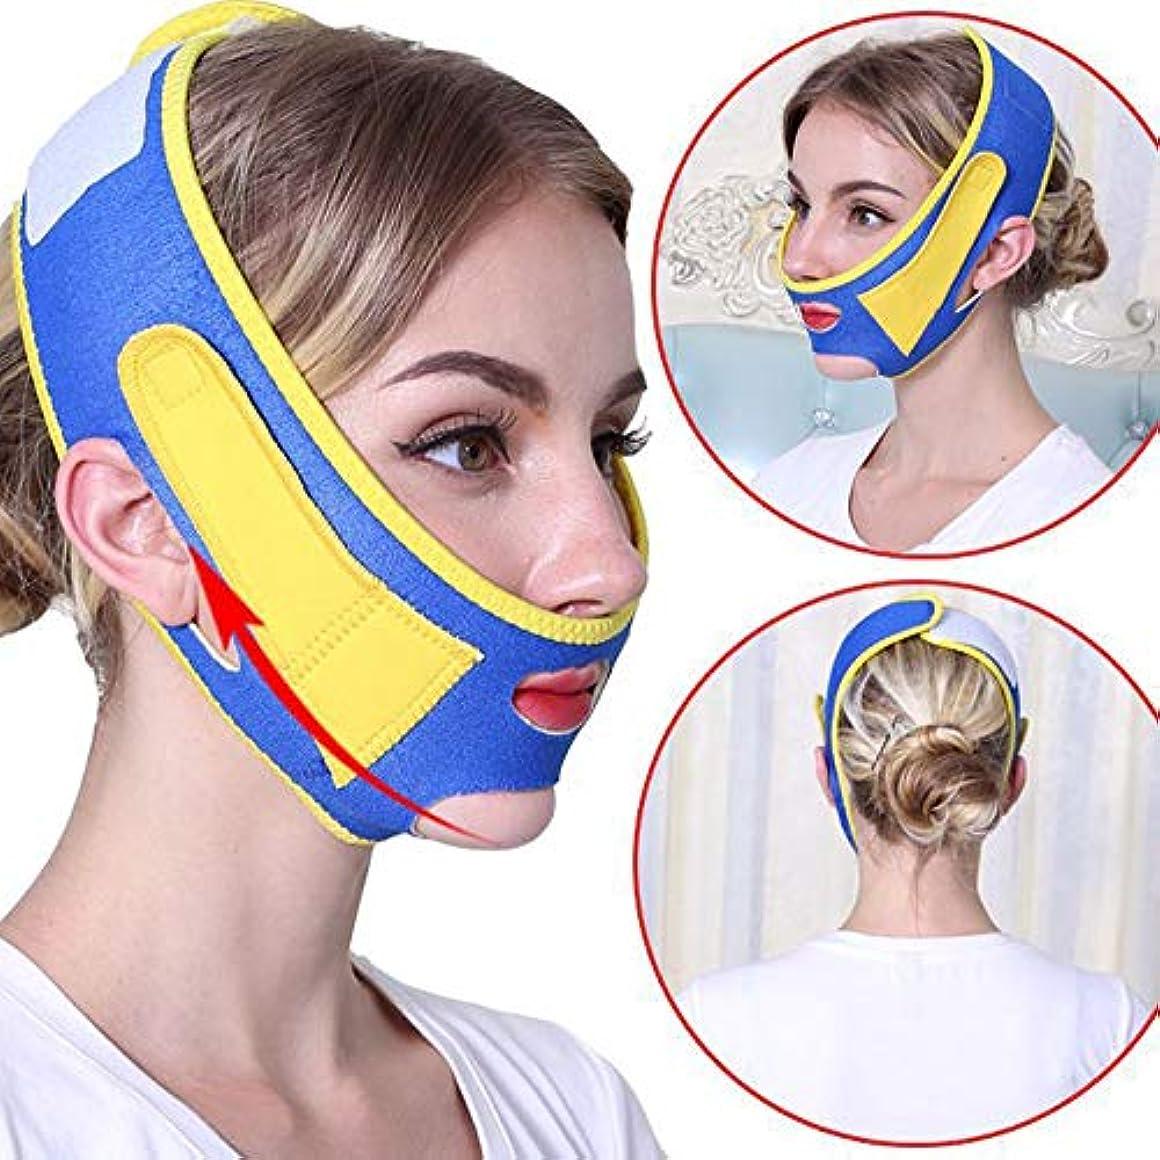 夫操縦するスポットフェイスリフティングマスク、フェイシャルリフト&ファーミングv-faceアーチファクトシェイプ美容弾性スリーブ薄顔包帯